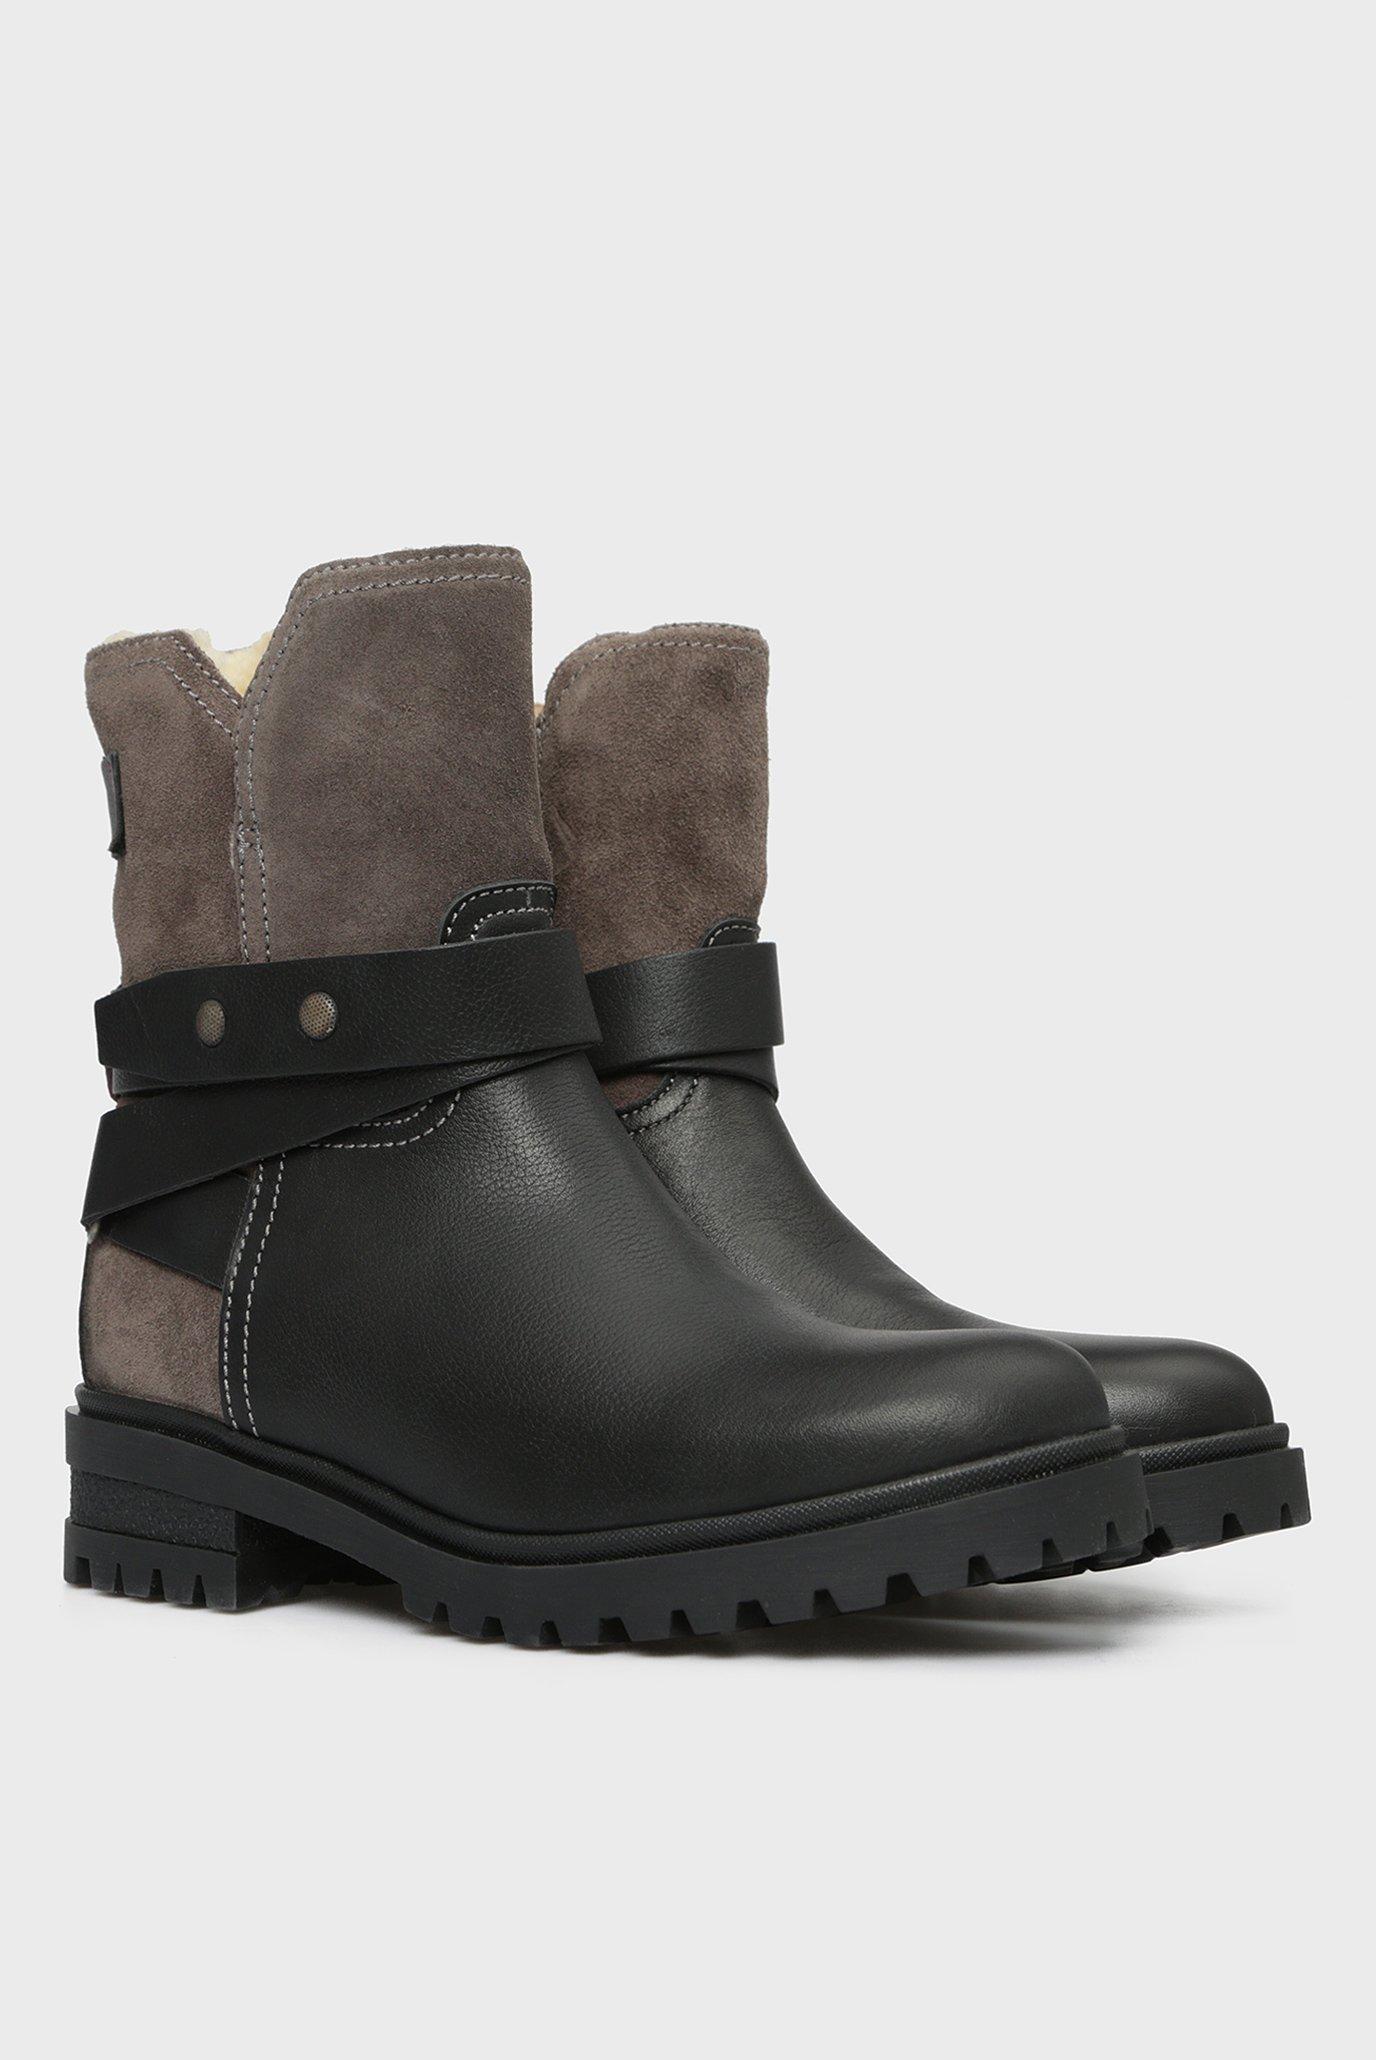 Купить Женские черные ботинки WARM CLEATED BIKER BOOT Tommy Hilfiger Tommy Hilfiger EN0EN00388 – Киев, Украина. Цены в интернет магазине MD Fashion